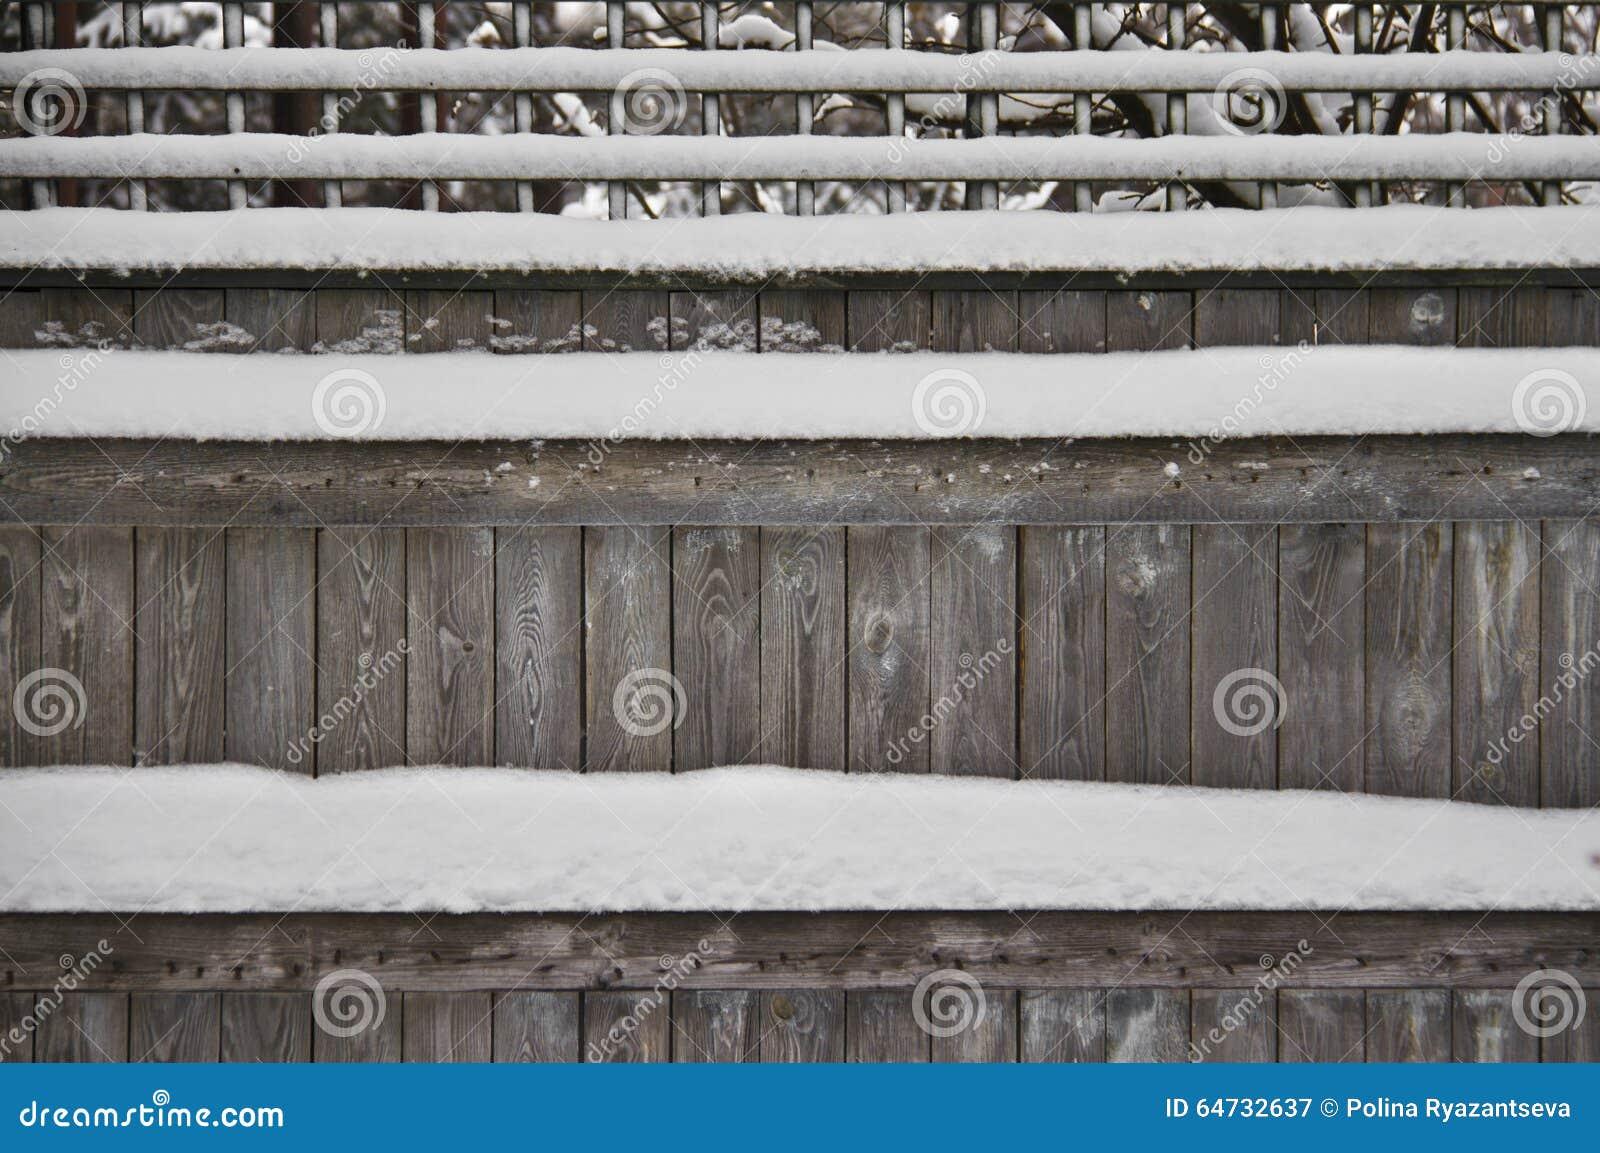 Zaun abgedeckt mit Schnee